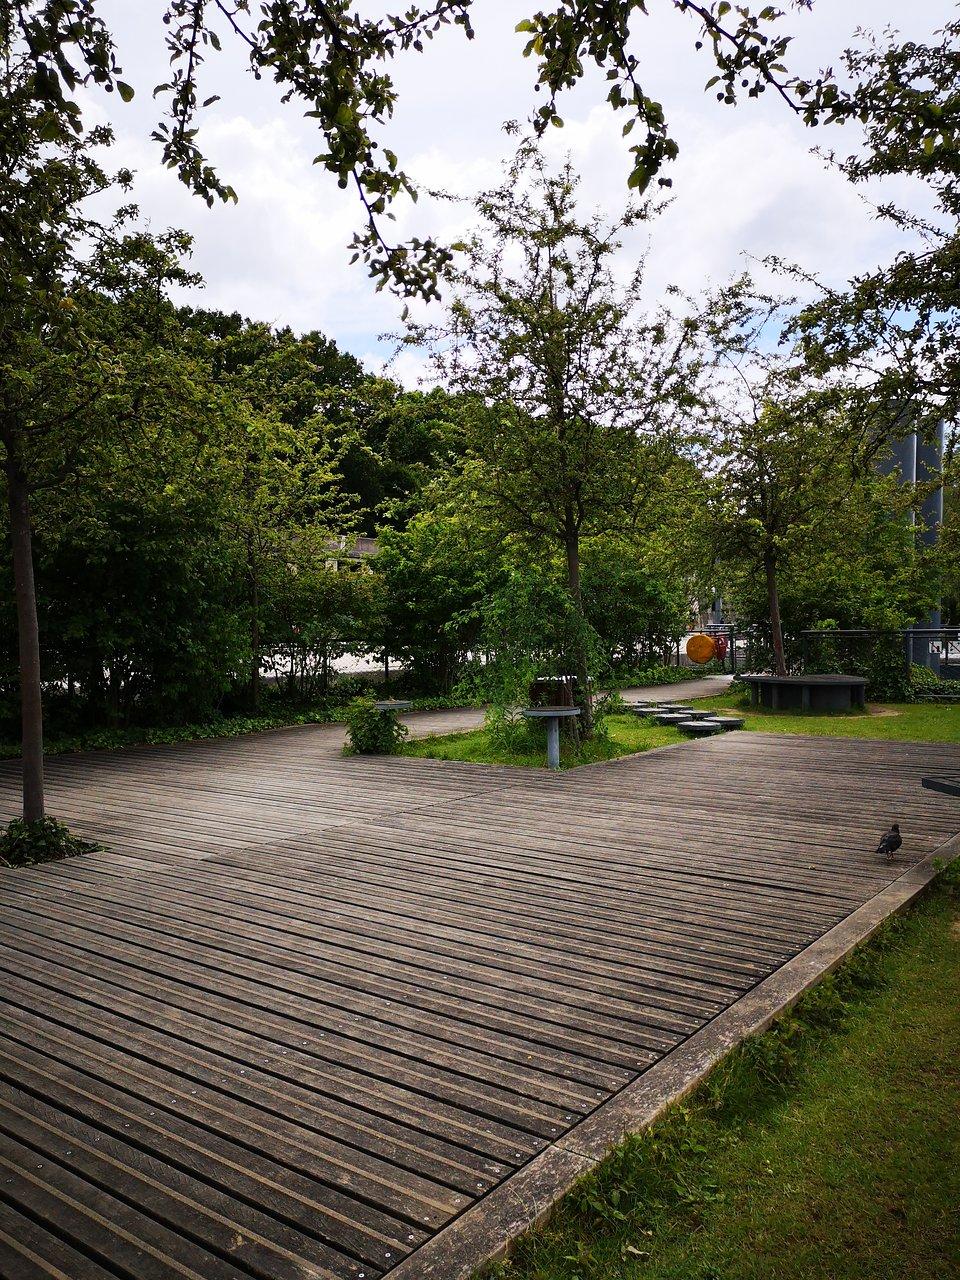 Le Jardin De Saint Adrien Génial Jardin Flottant Niki De Saint Phalle Paris 2020 All You